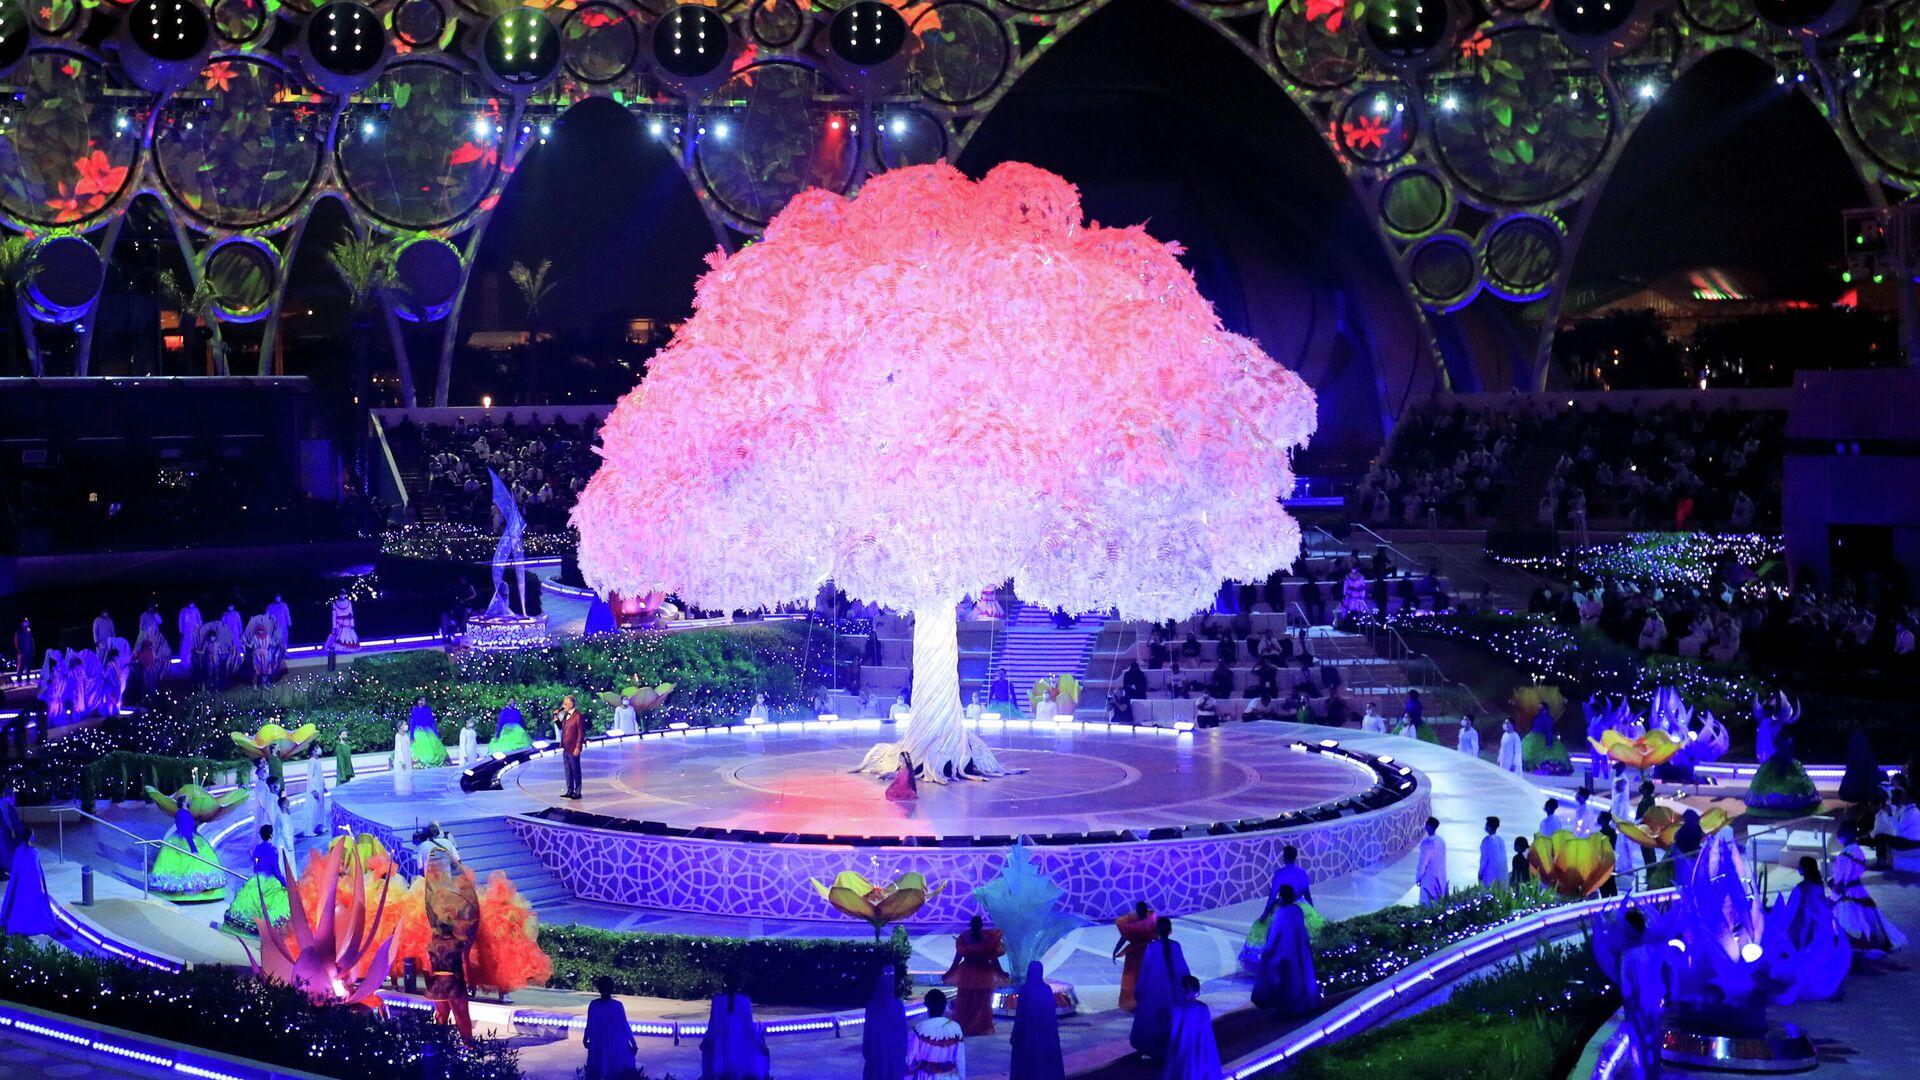 Feierliche Eröffnung der Weltausstellung Expo in Dubai. Vereinigte Arabische Emirate, 30. September 2021 - SNA, 1920, 30.09.2021